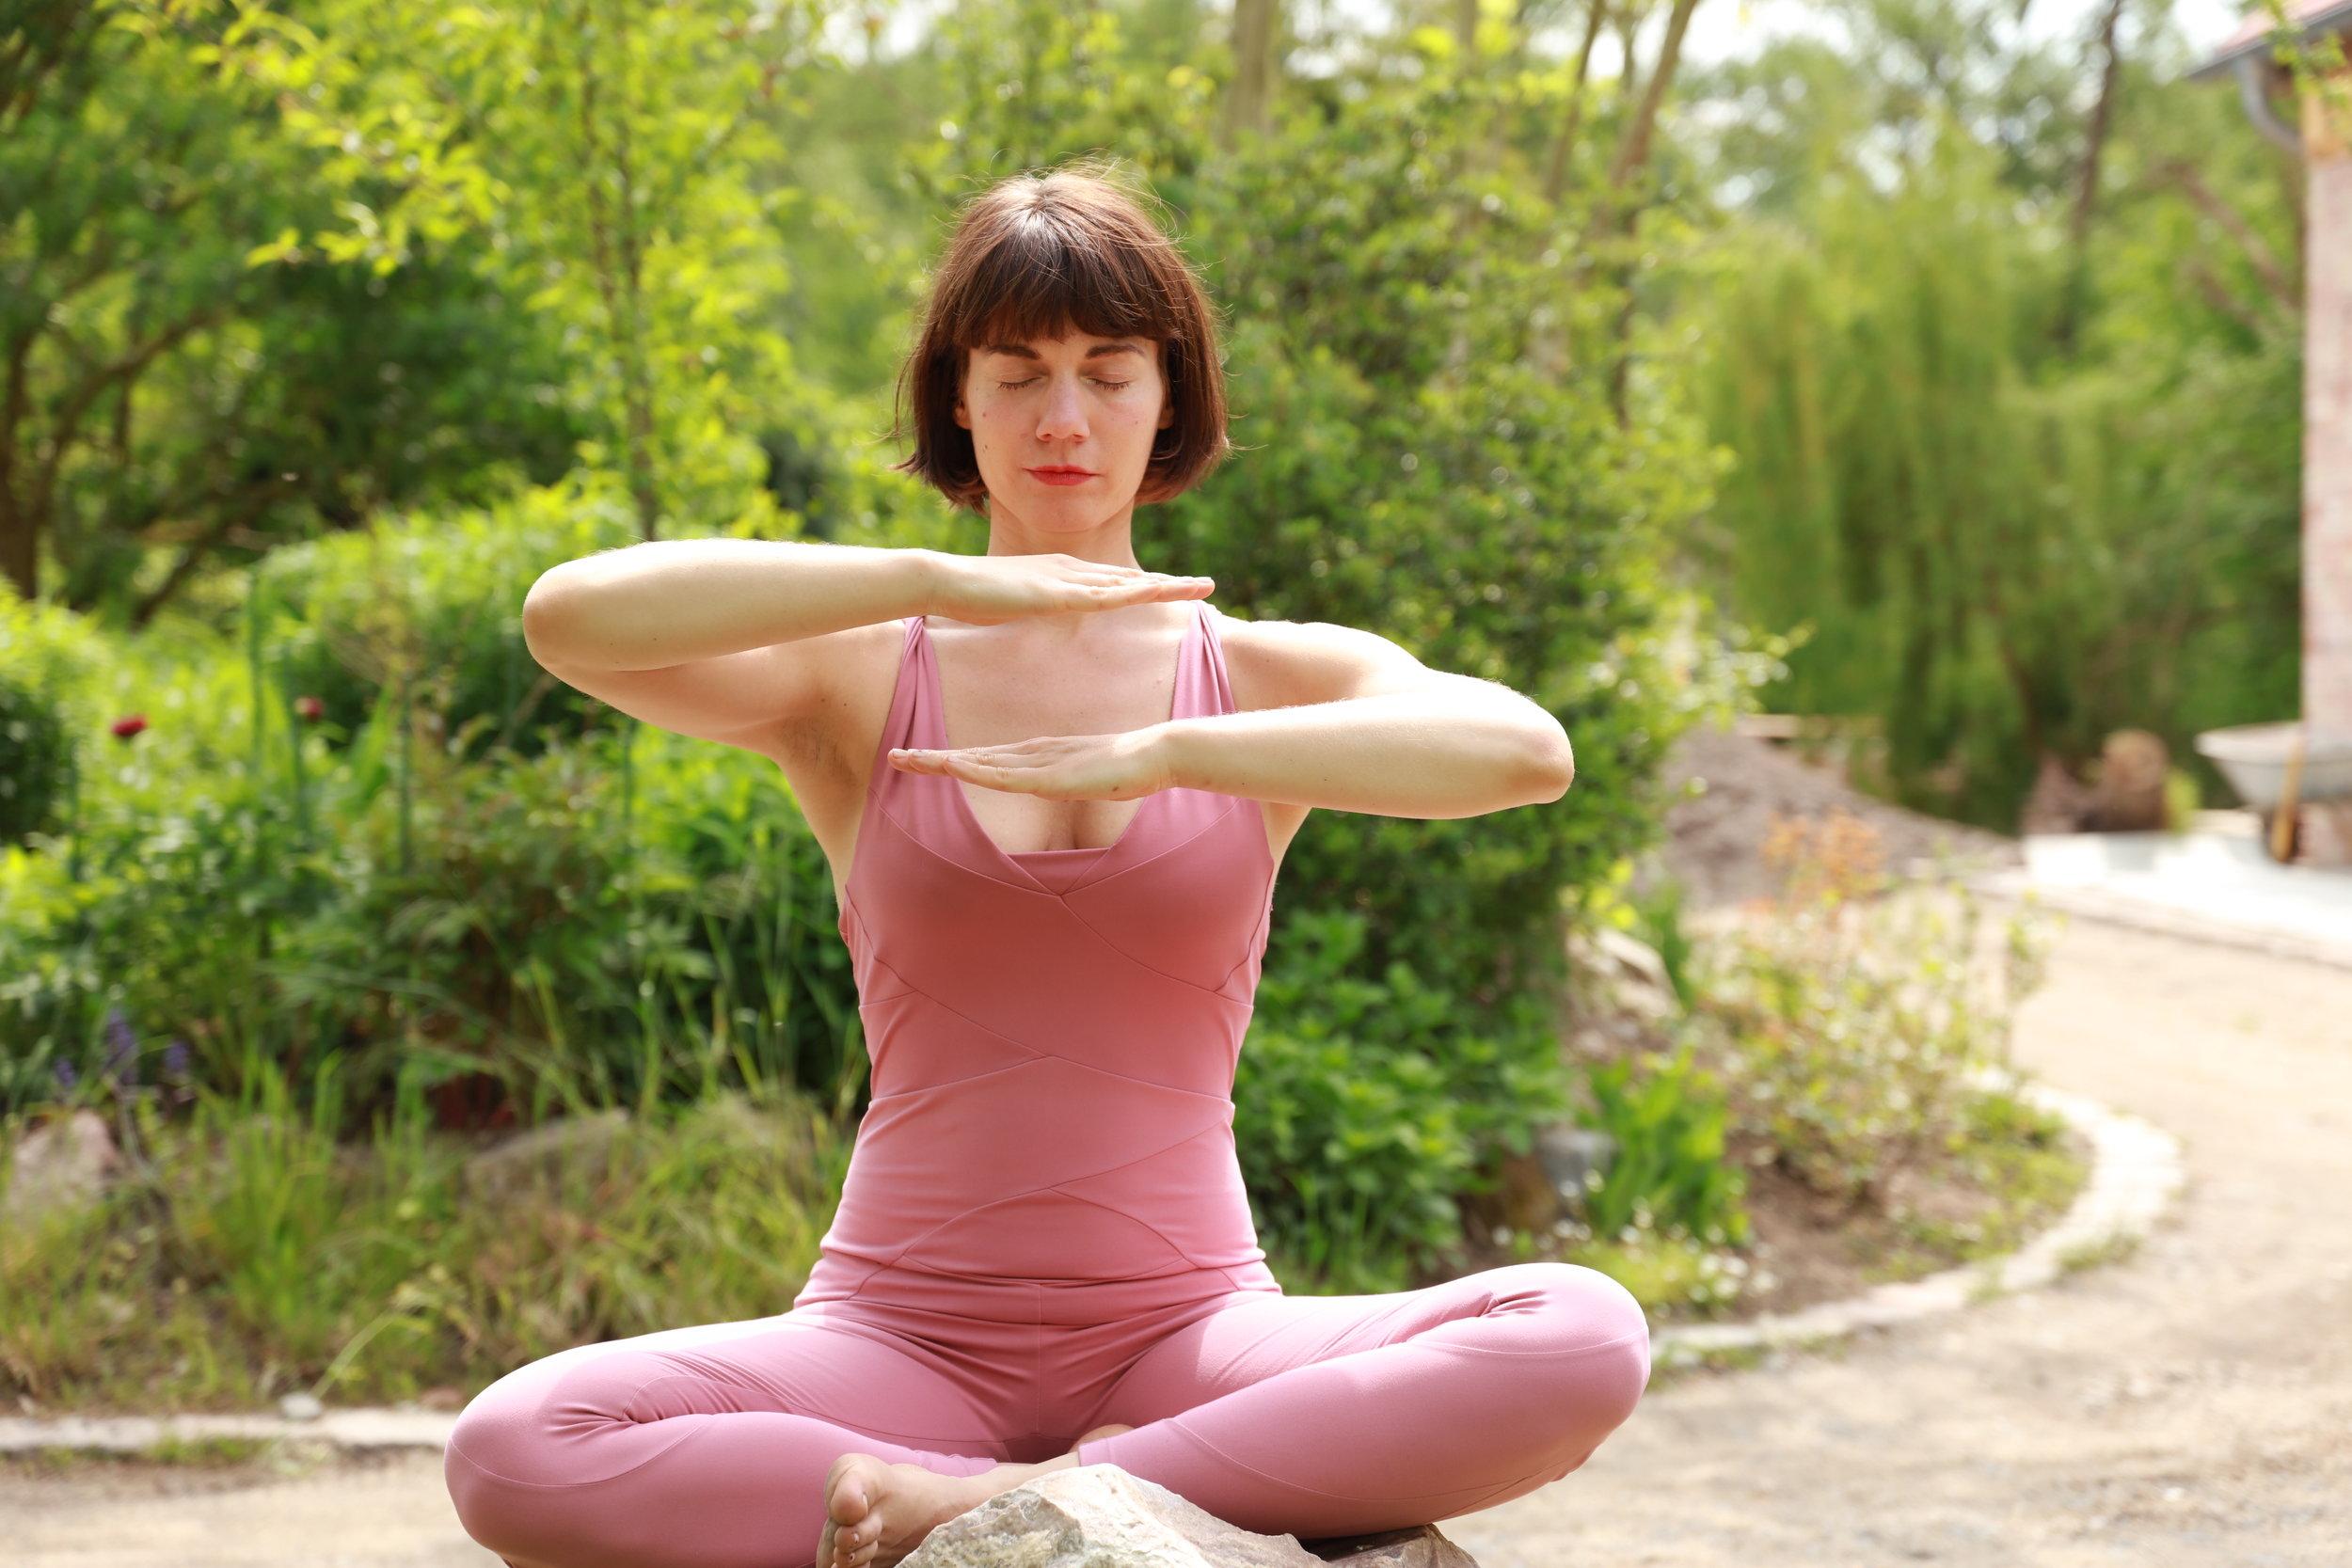 Stundenplan - Offene KlassenMONTAG20.30 -22.00 Vinyasa & PranayamaYellow YogaDIENSTAG16.30 - 17.30 Vinyasa, all levelyogafürdich am SüdsternFREITAG 8.00 -9.00 UhrKundalini Yoga, all levelKreuzbergyogaLübberstraße 9, 10997 B.Drop in 10€ & USC M,L